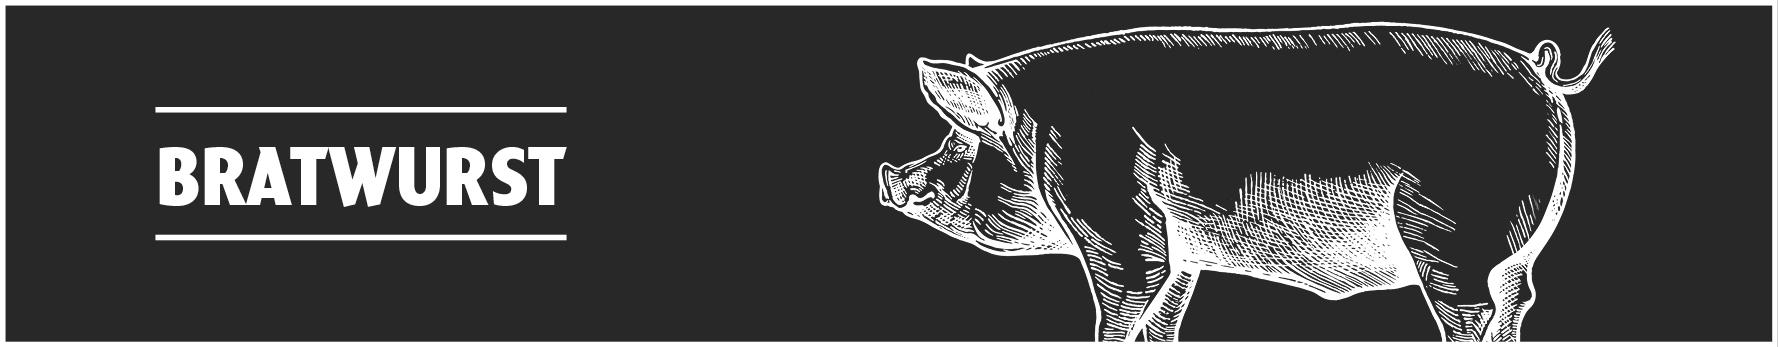 Würstchen online kaufen bei Don Carne.de » Käse Krainer & Krakauer ✔ Sichere & schnelle Lieferung ✔ Kontrollierte und zertifizierte Herkunft ✔ Kostenloser Versand ab 99€ Bestellwert ✔